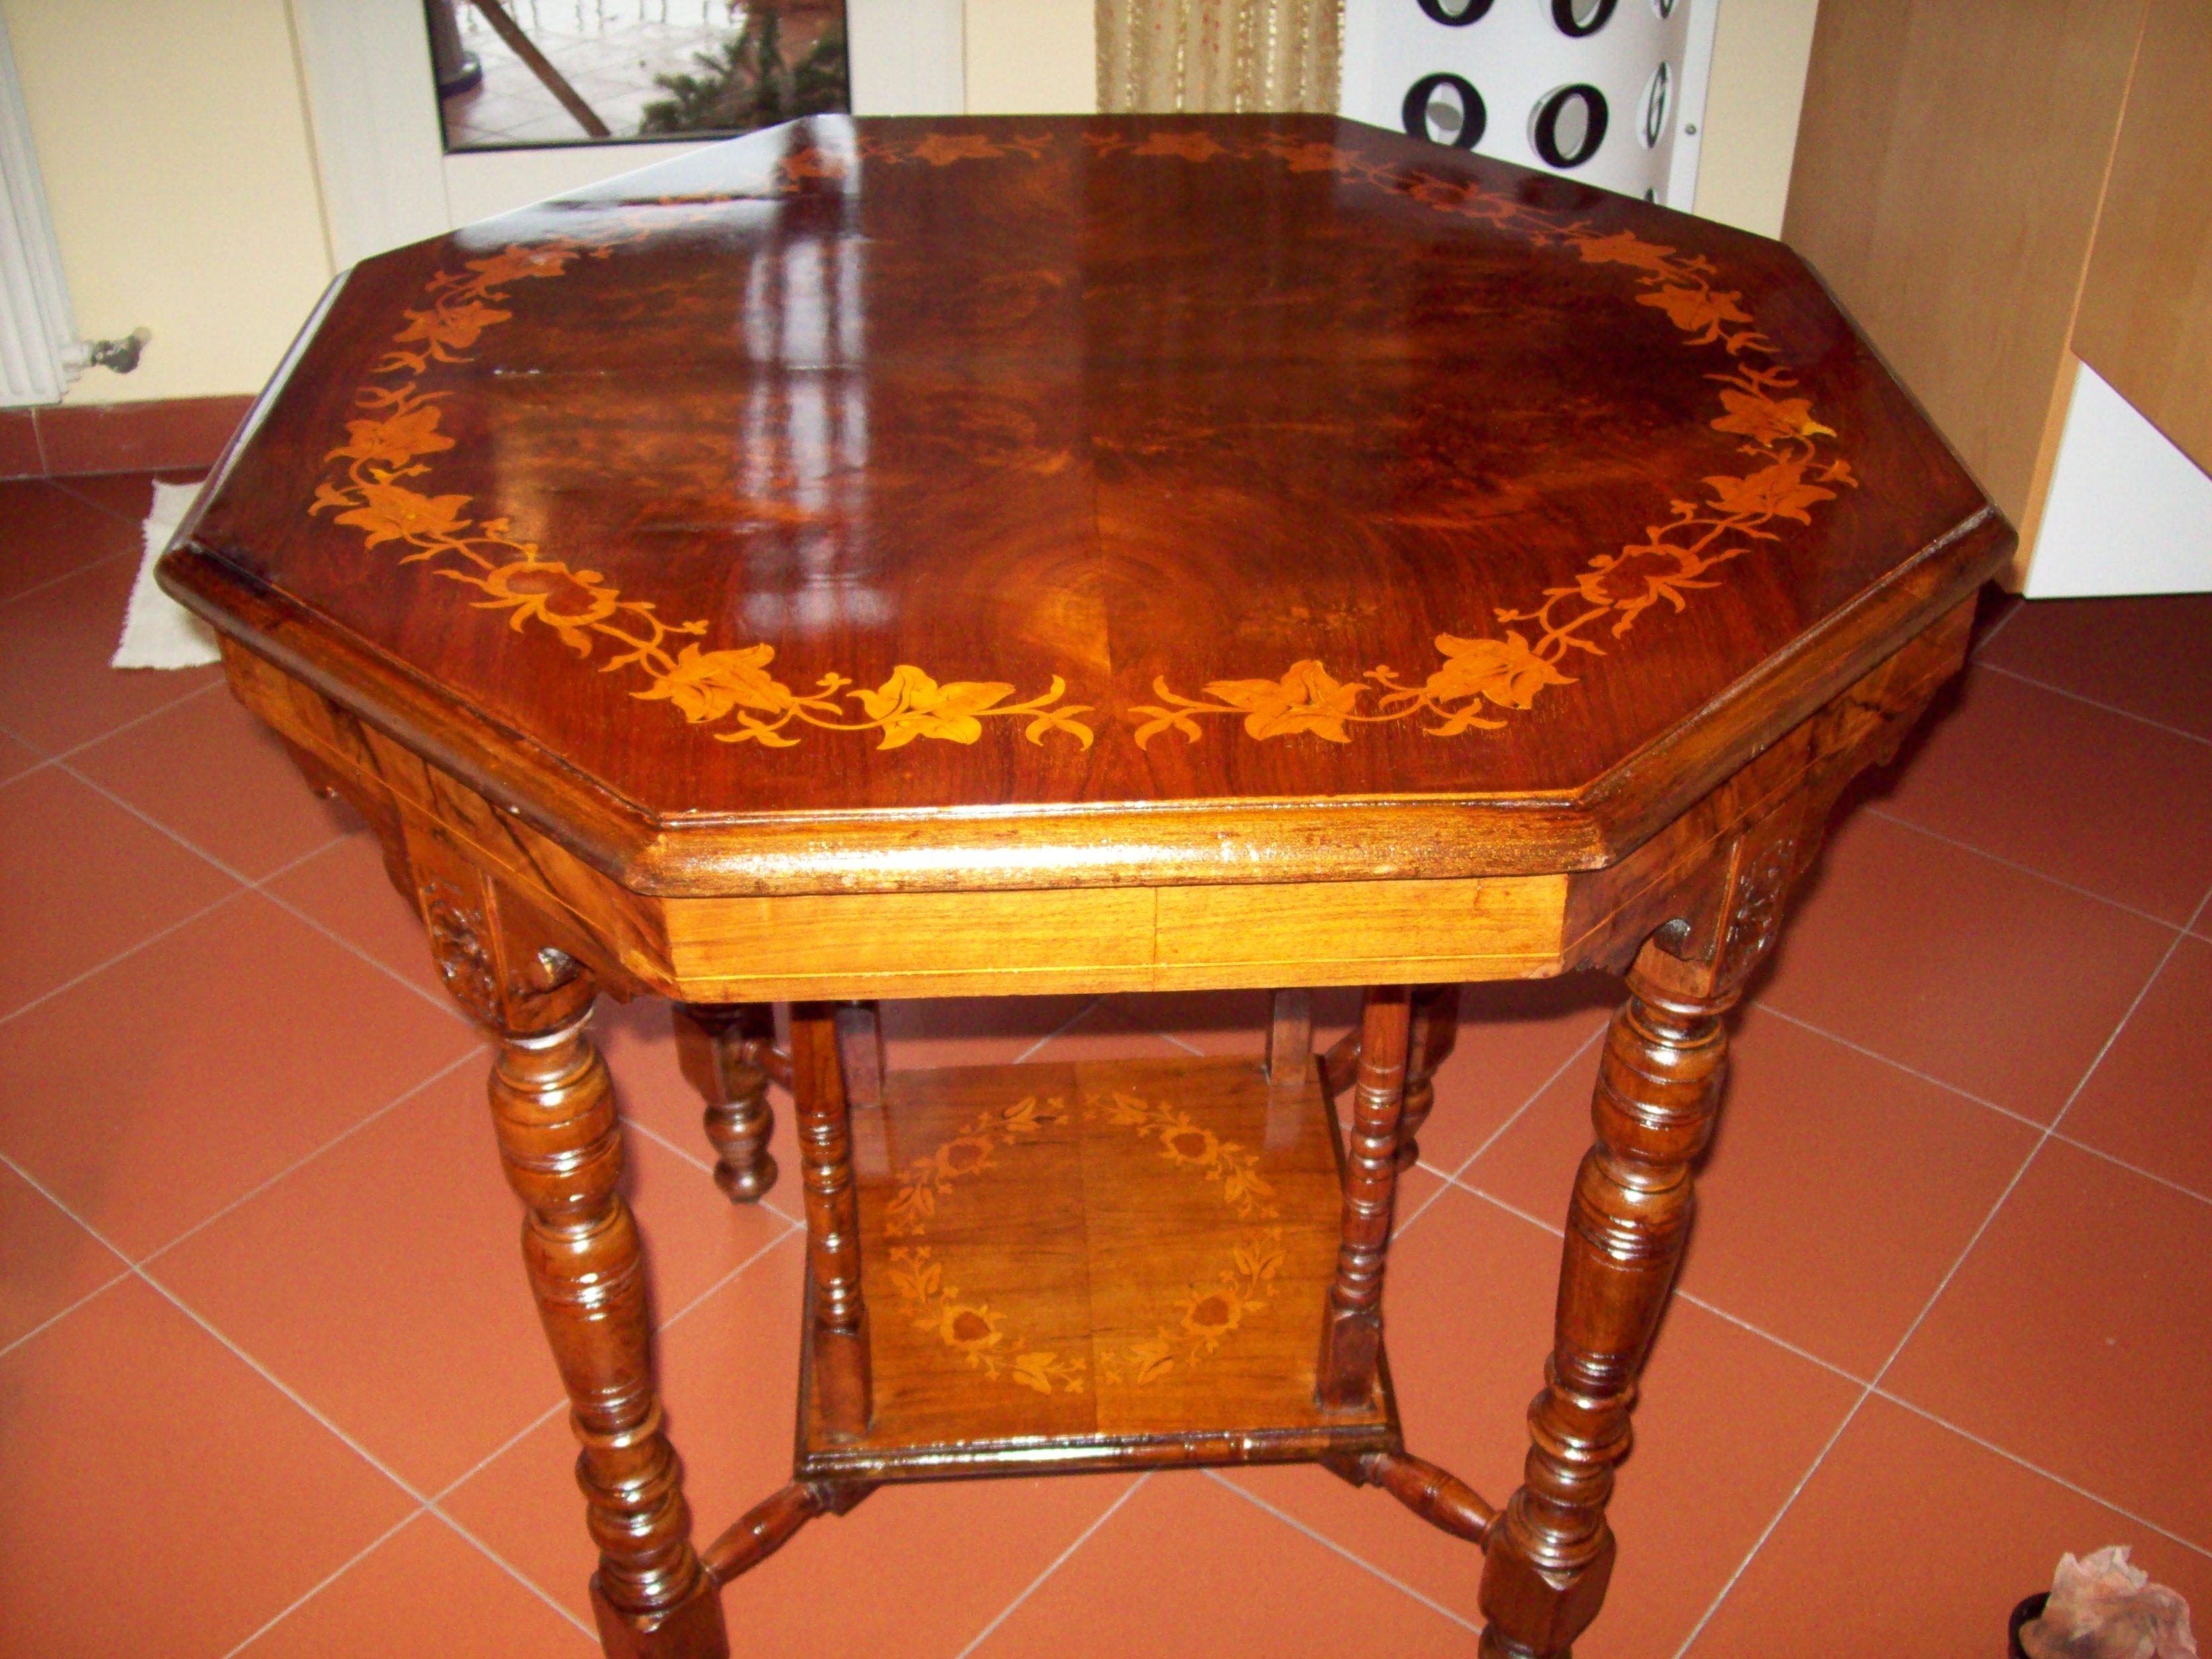 Restauro mobili dipinti dorature roma for Cerco regalo mobili